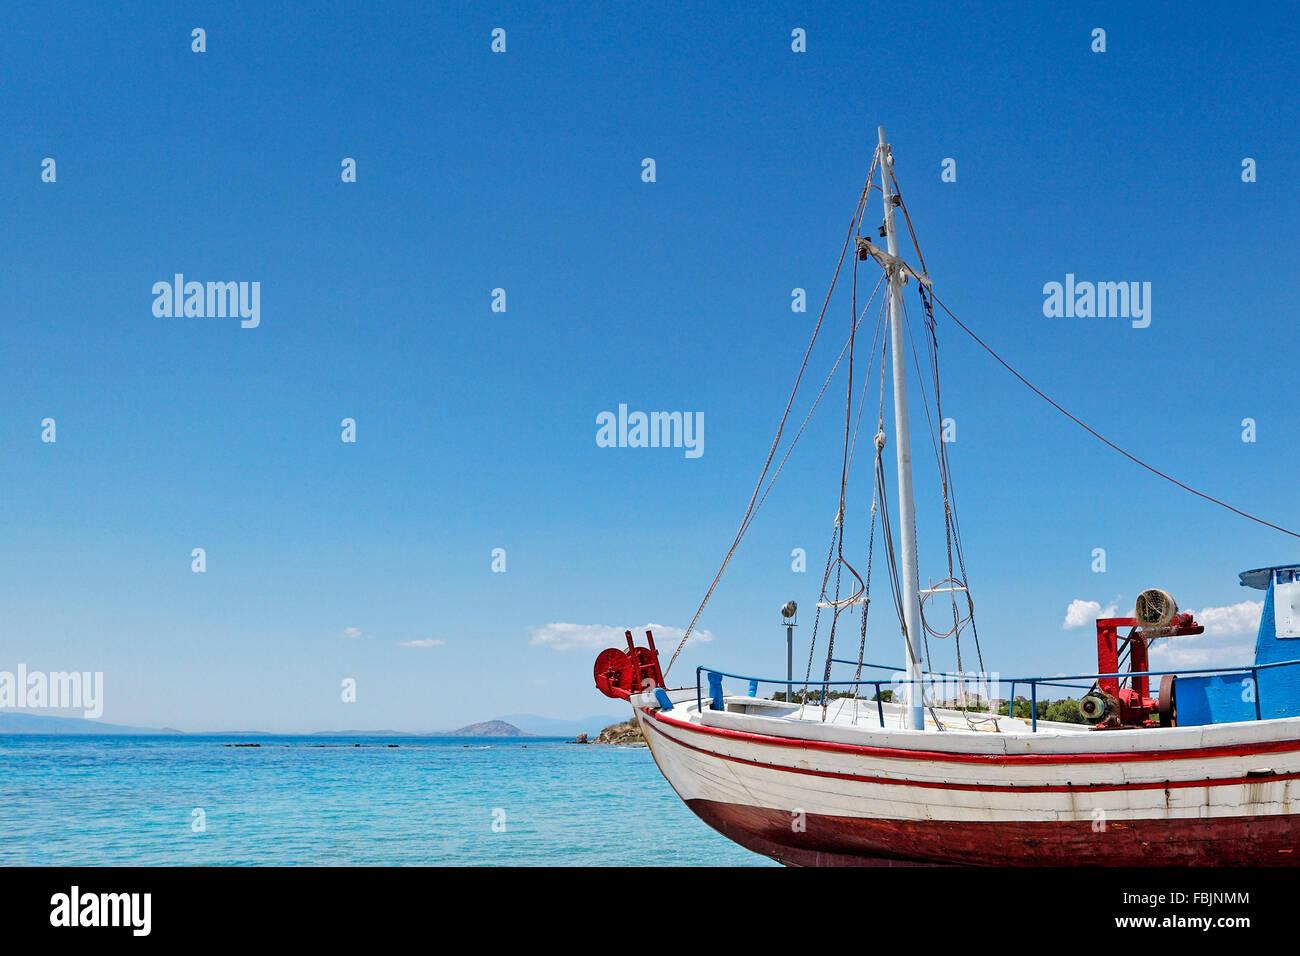 Bateau de pêche traditionnel de l'île d'Aegina, Grèce Photo Stock